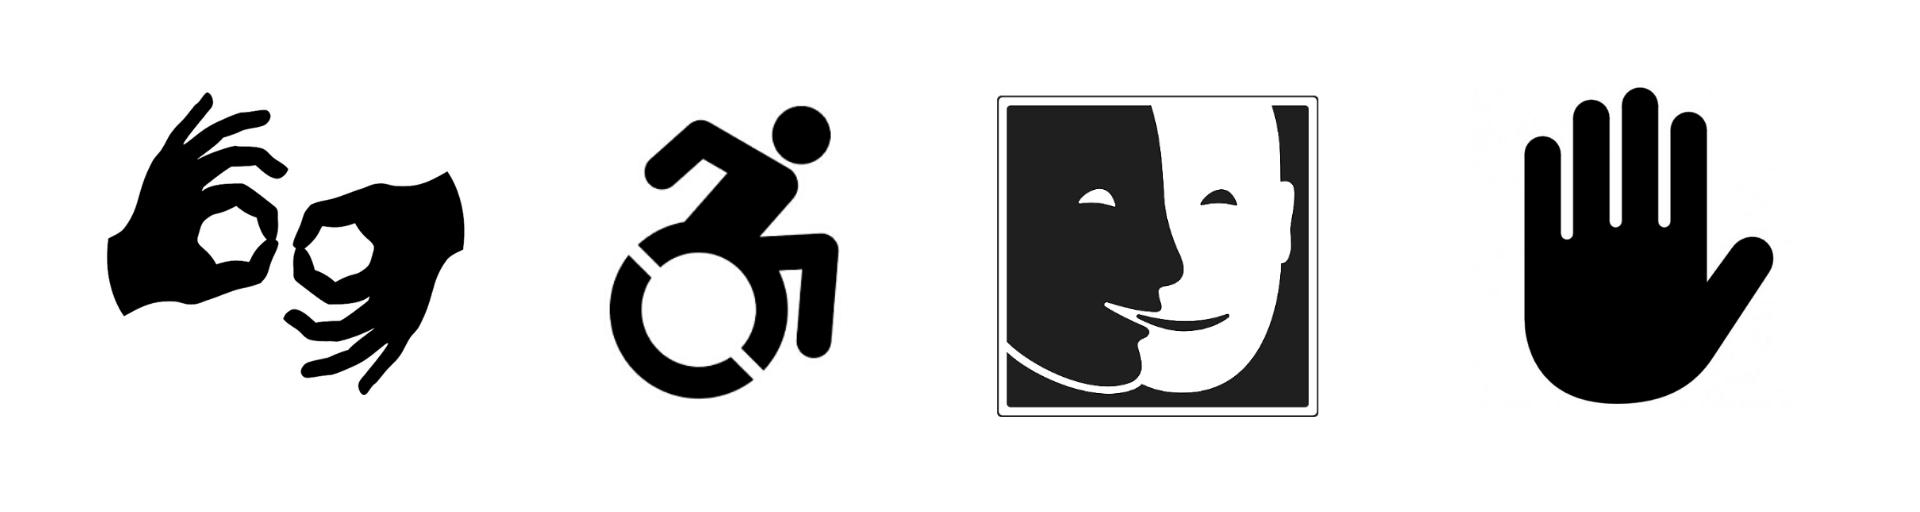 vietato non toccare museo di murlo Pittogrammi accessibilità del museo per tutti